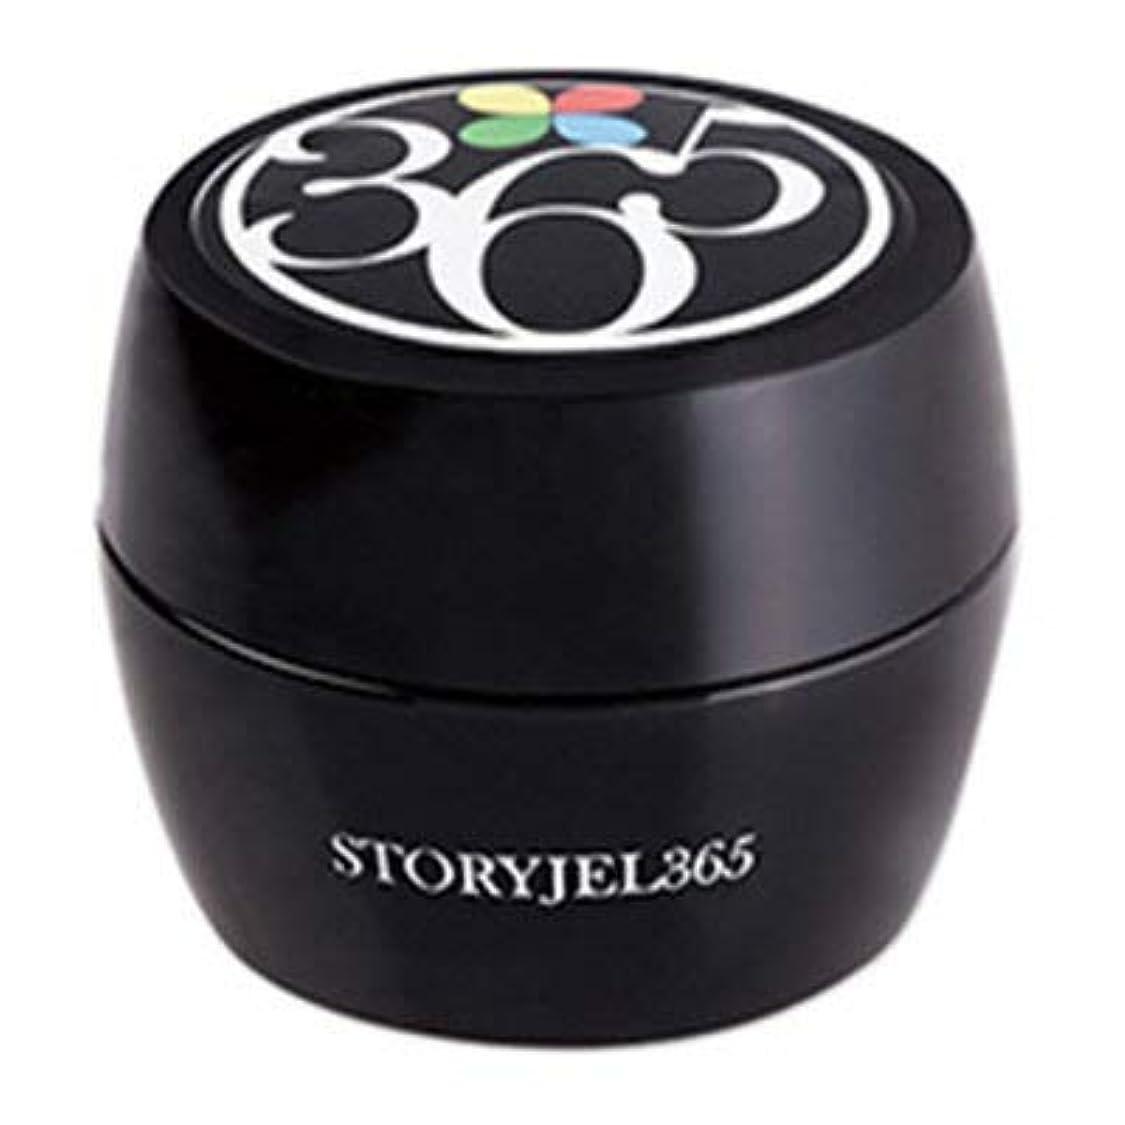 アジャインテリア敵STORYJEL365 スカルプティングソフトジェル 15g (ストーリージェル) SJW-SCULPTING01